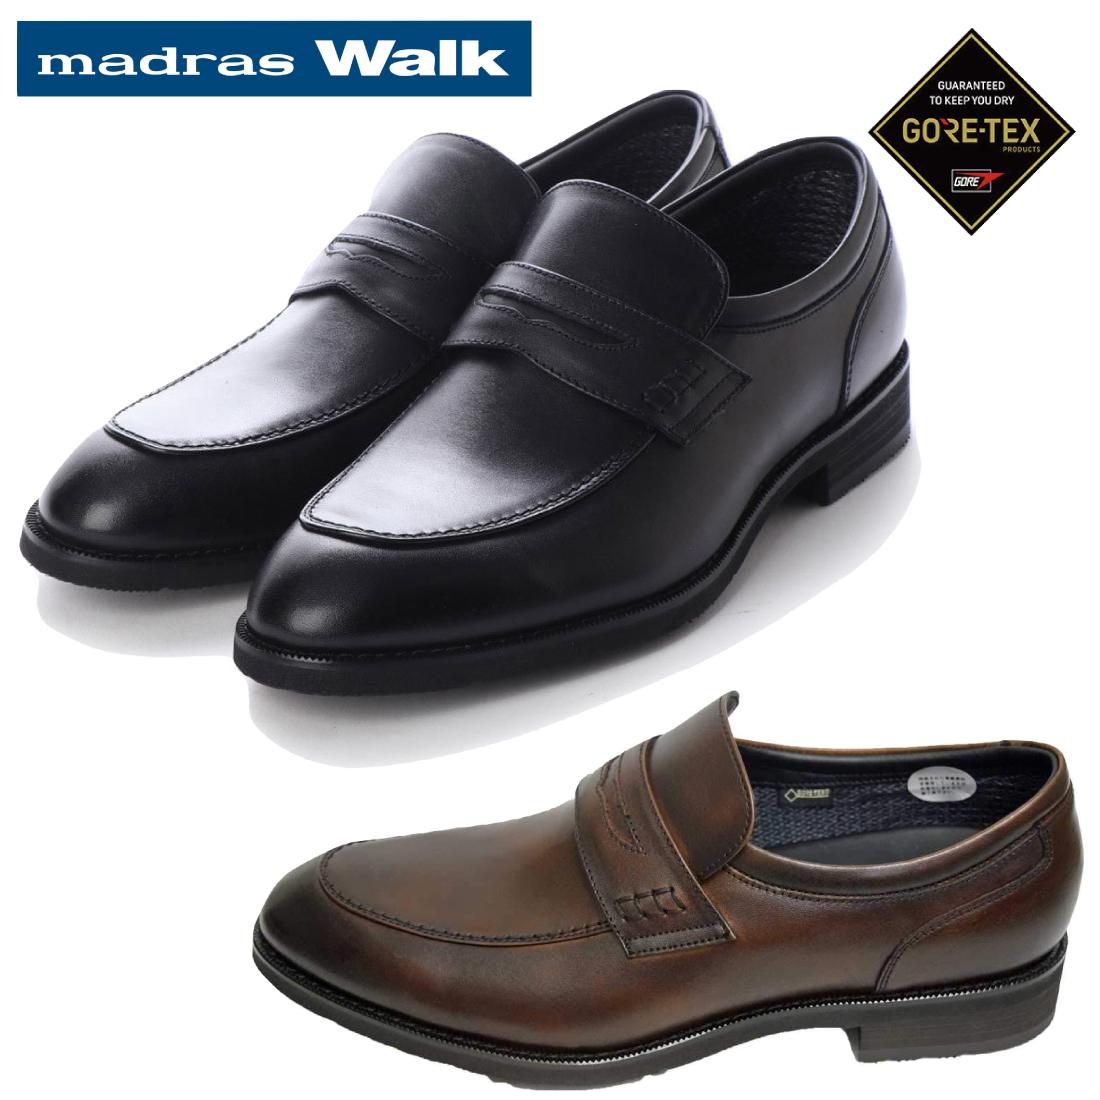 madras Walk マドラス ローファー ビジネス シューズ ゴアテックス MW5907 【nesh】 【新品】